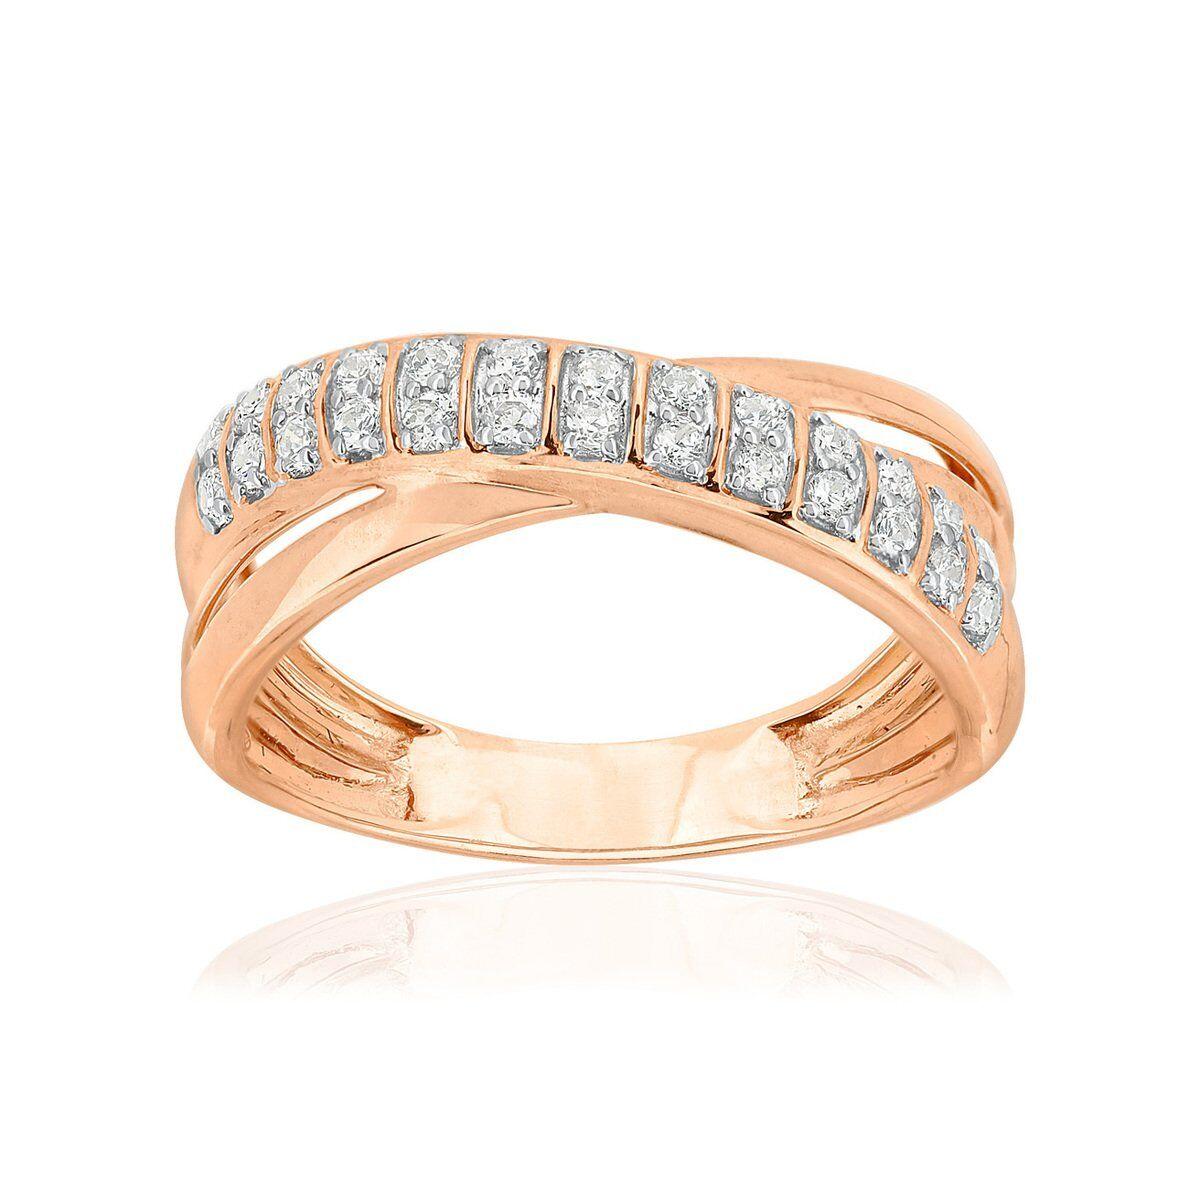 MATY Bague or 750 rose 2 tons anneaux croisés diamants synthétiques 0,25 carat- MATY